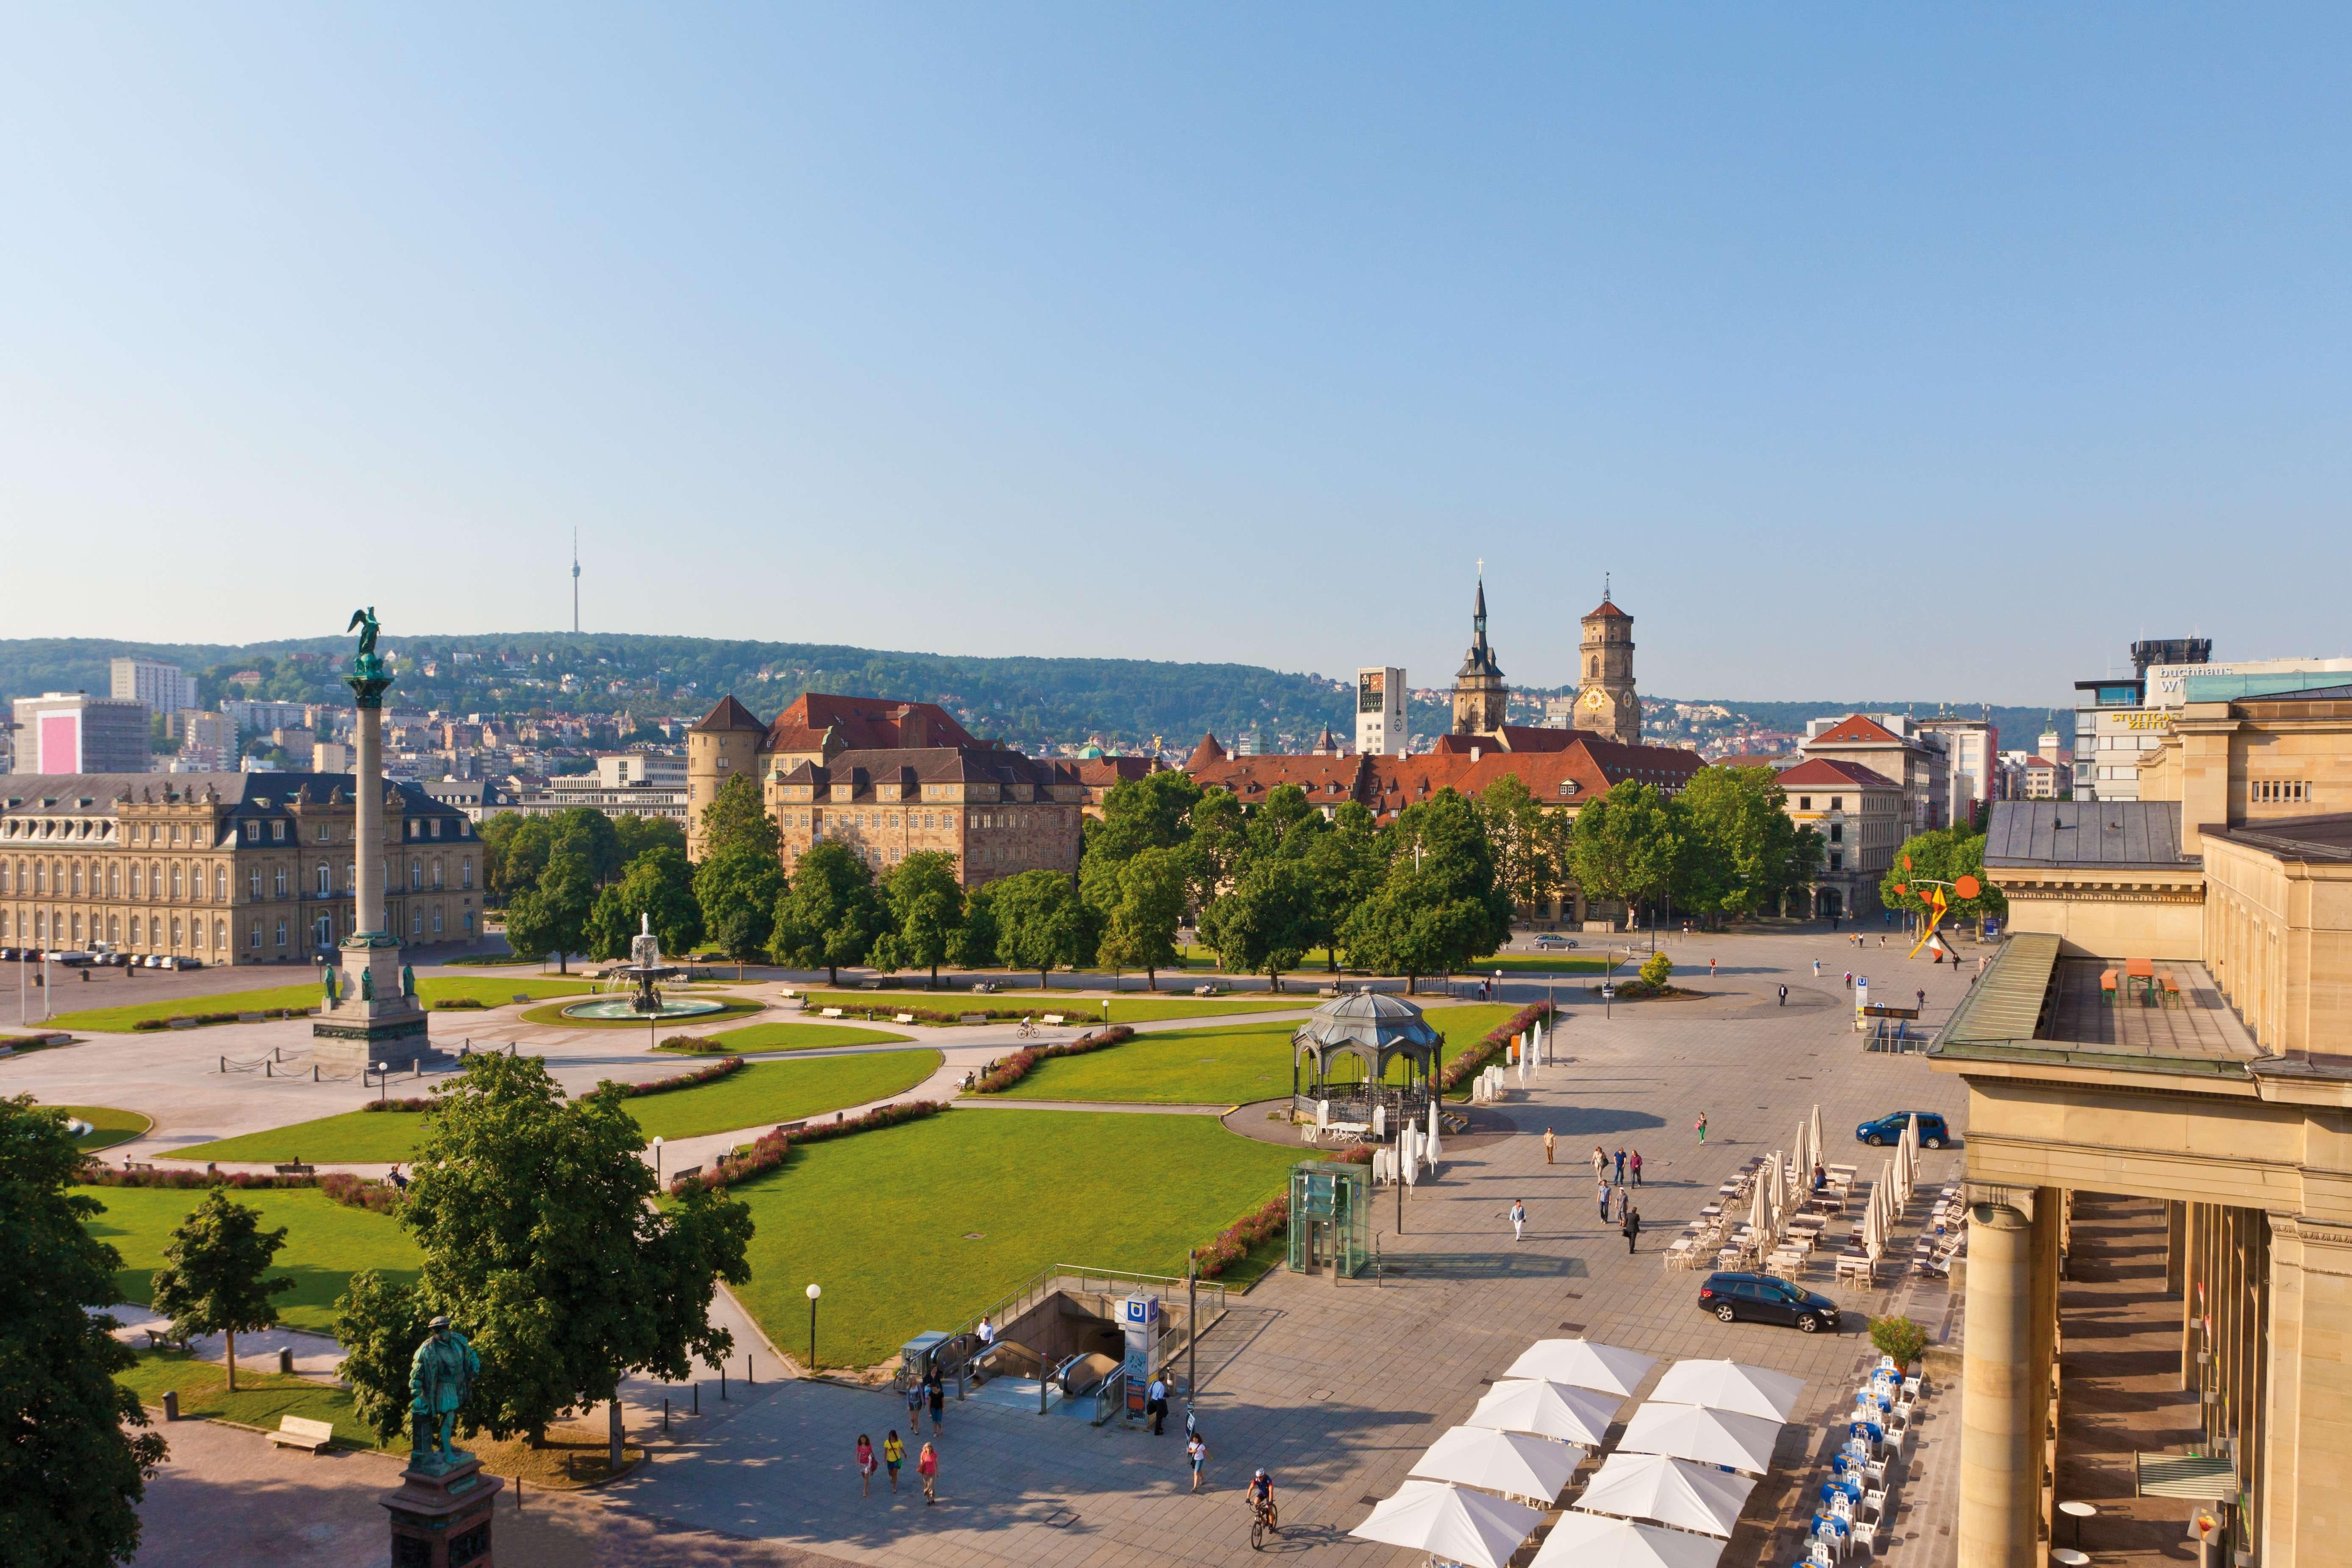 Blick auf den Stuttgarter Schlossplatz bei Sonnenschein